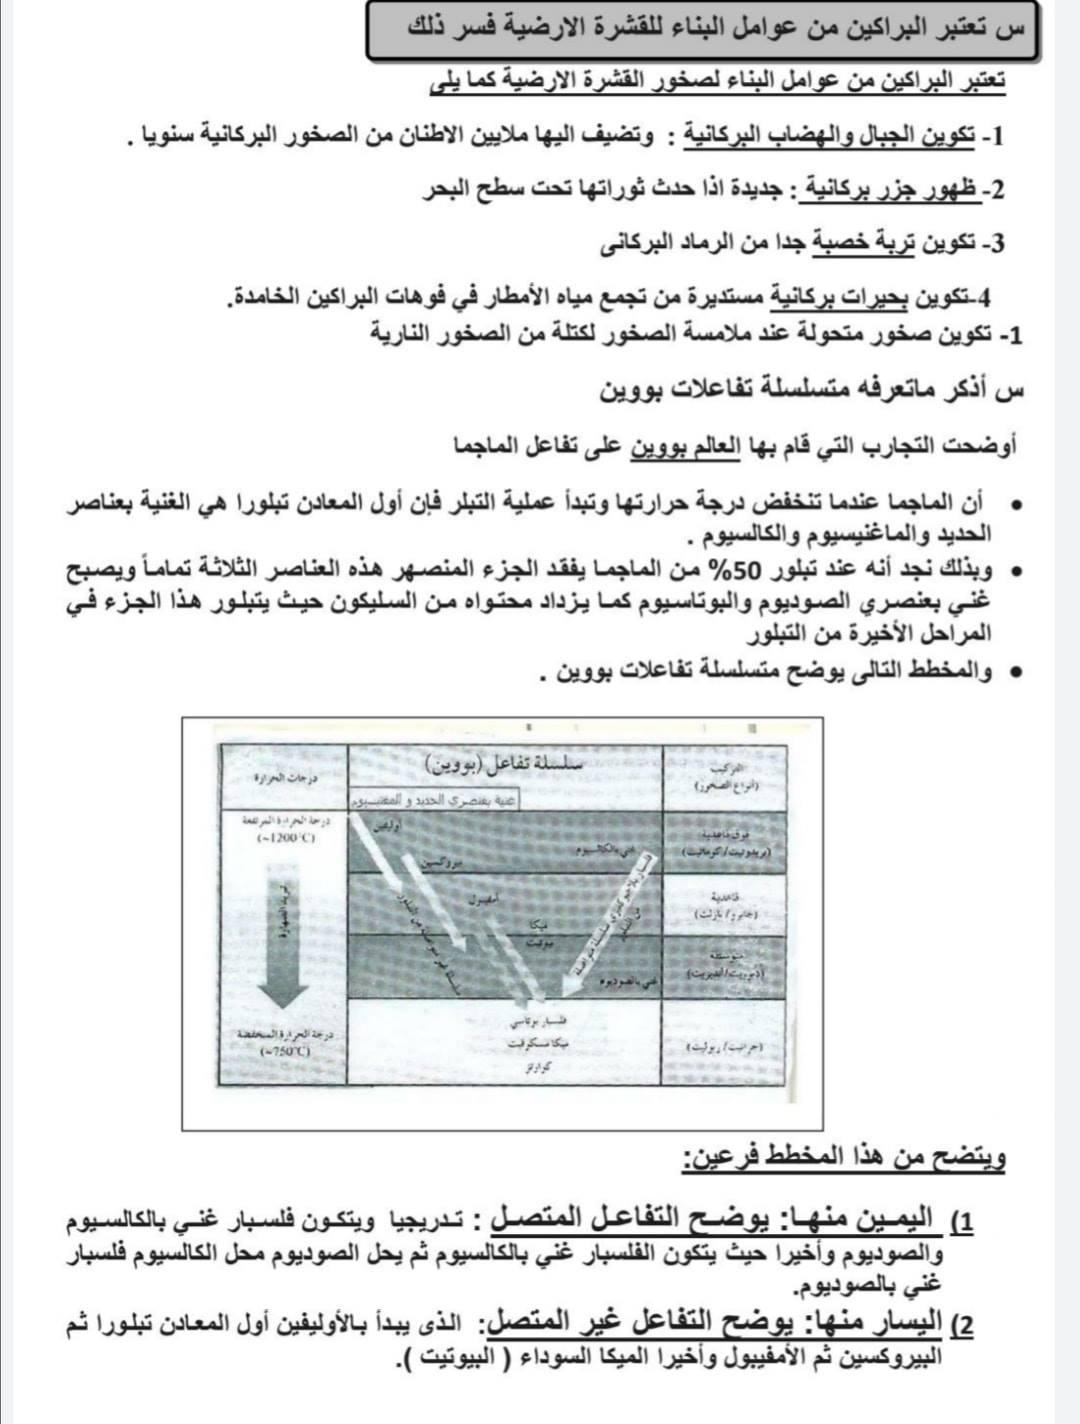 س و ج مراجعة امتحان الجيولوجيا للثانوية العامة من اليوم السابع 5